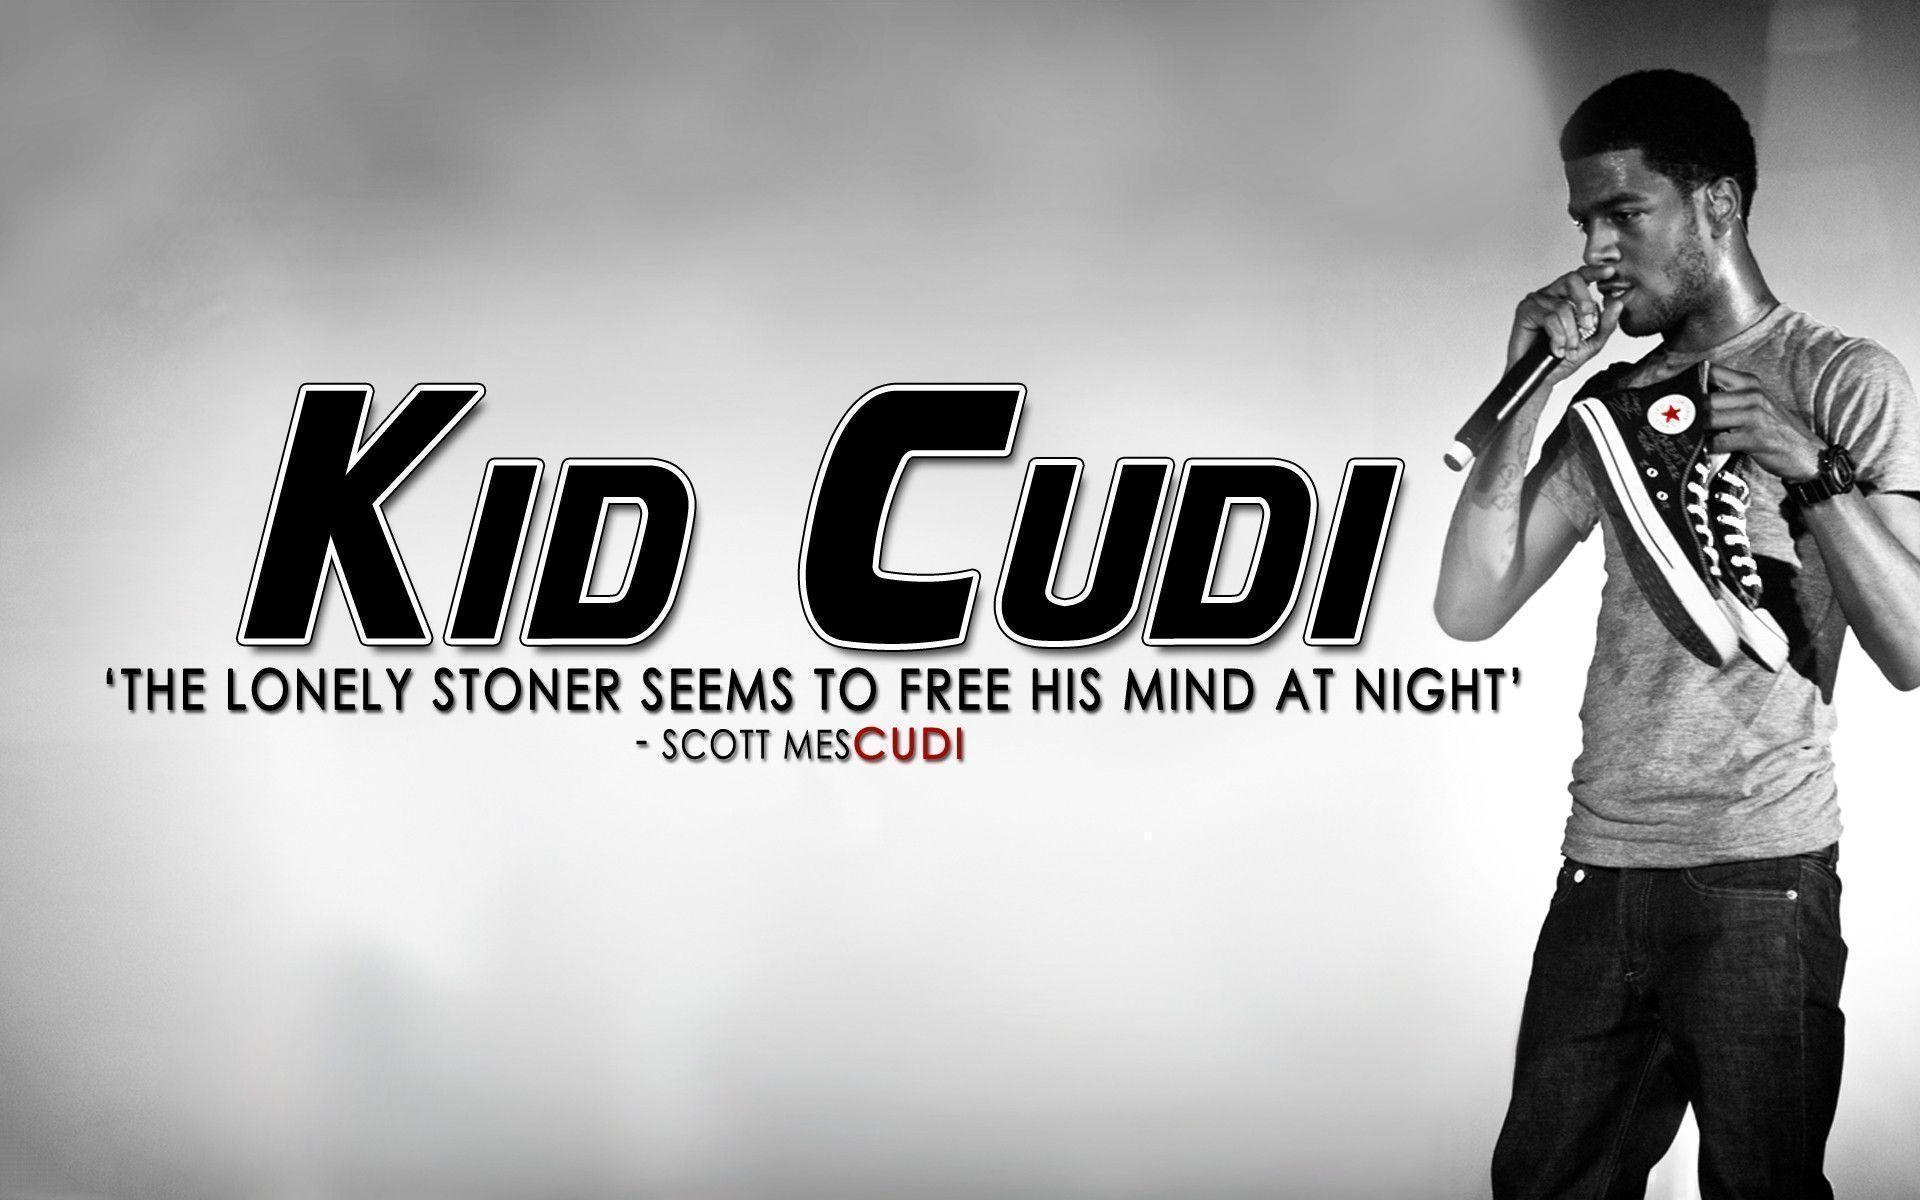 Kid Cudi Wallpapers 1080p - Wallpaper Cave